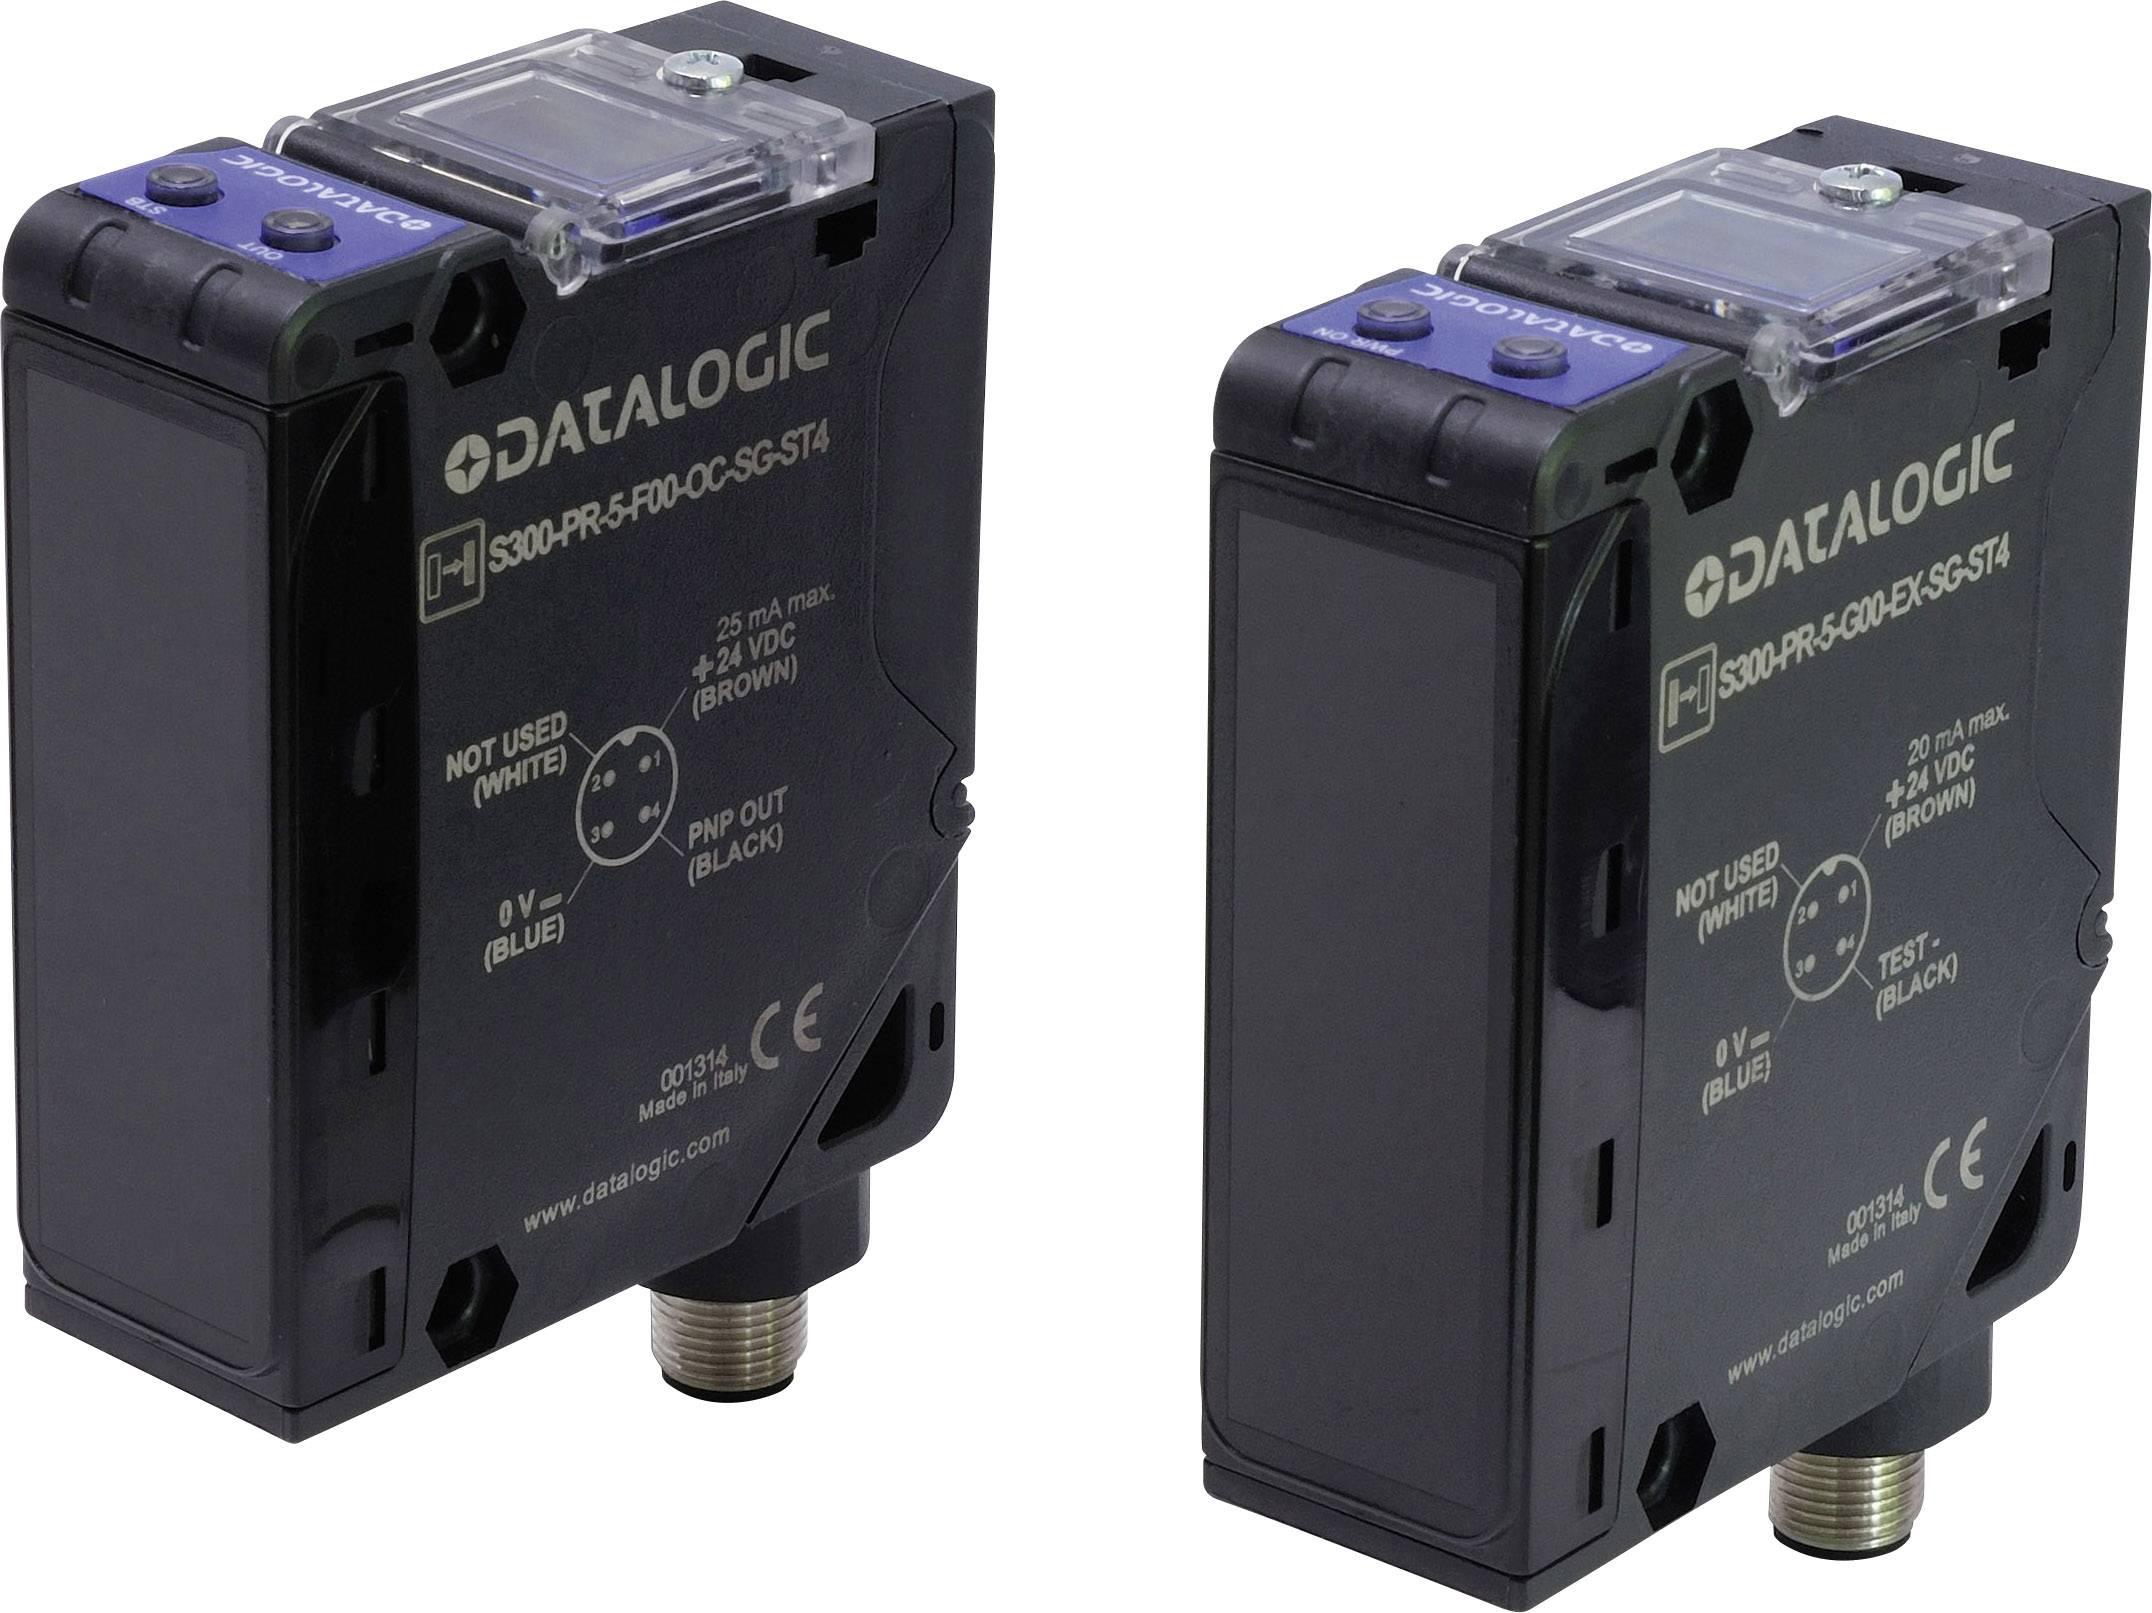 Reflexní světelná závora DataLogic S300-PR-5-M01-OC 951451160, Max. dosah 2.5 m